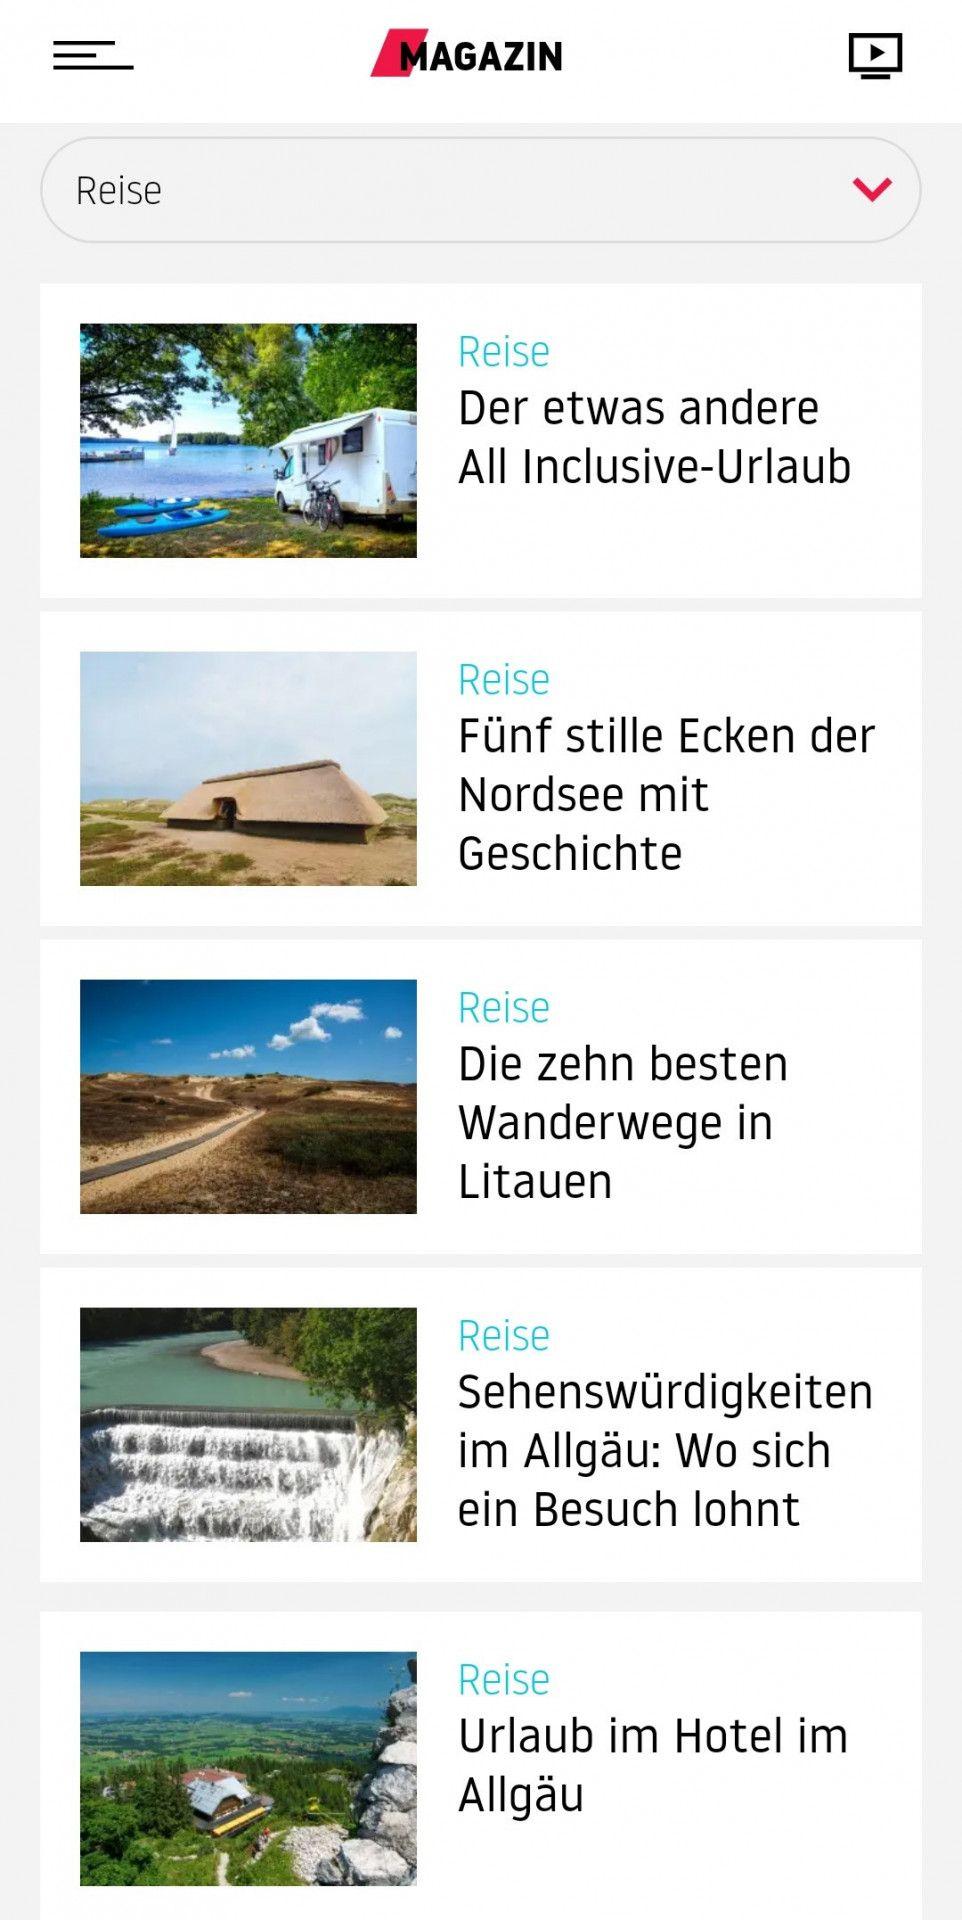 """<p>Weitere Inhalte aus der wöchentlichen prisma Fernsehzeitschrift runden das Angebot ab und laden in die ganze Welt von prisma ein.</p> <p><a href=""""https://play.google.com/store/apps/details?id=de.prisma.app&amp;hl=de#"""" target=""""_blank"""" rel=""""follow"""">Hier geht's zur prisma-App im Google PlayStore (Android)</a>.</p> <p><a href=""""https://itunes.apple.com/de/app/prisma-deine-tv-programm-app/id1160735418?l=de&amp;mt=8#"""" target=""""_blank"""" rel=""""follow"""">Hier geht's zur prisma-App im Apple iTunes-Store (iOS)</a>.</p>"""